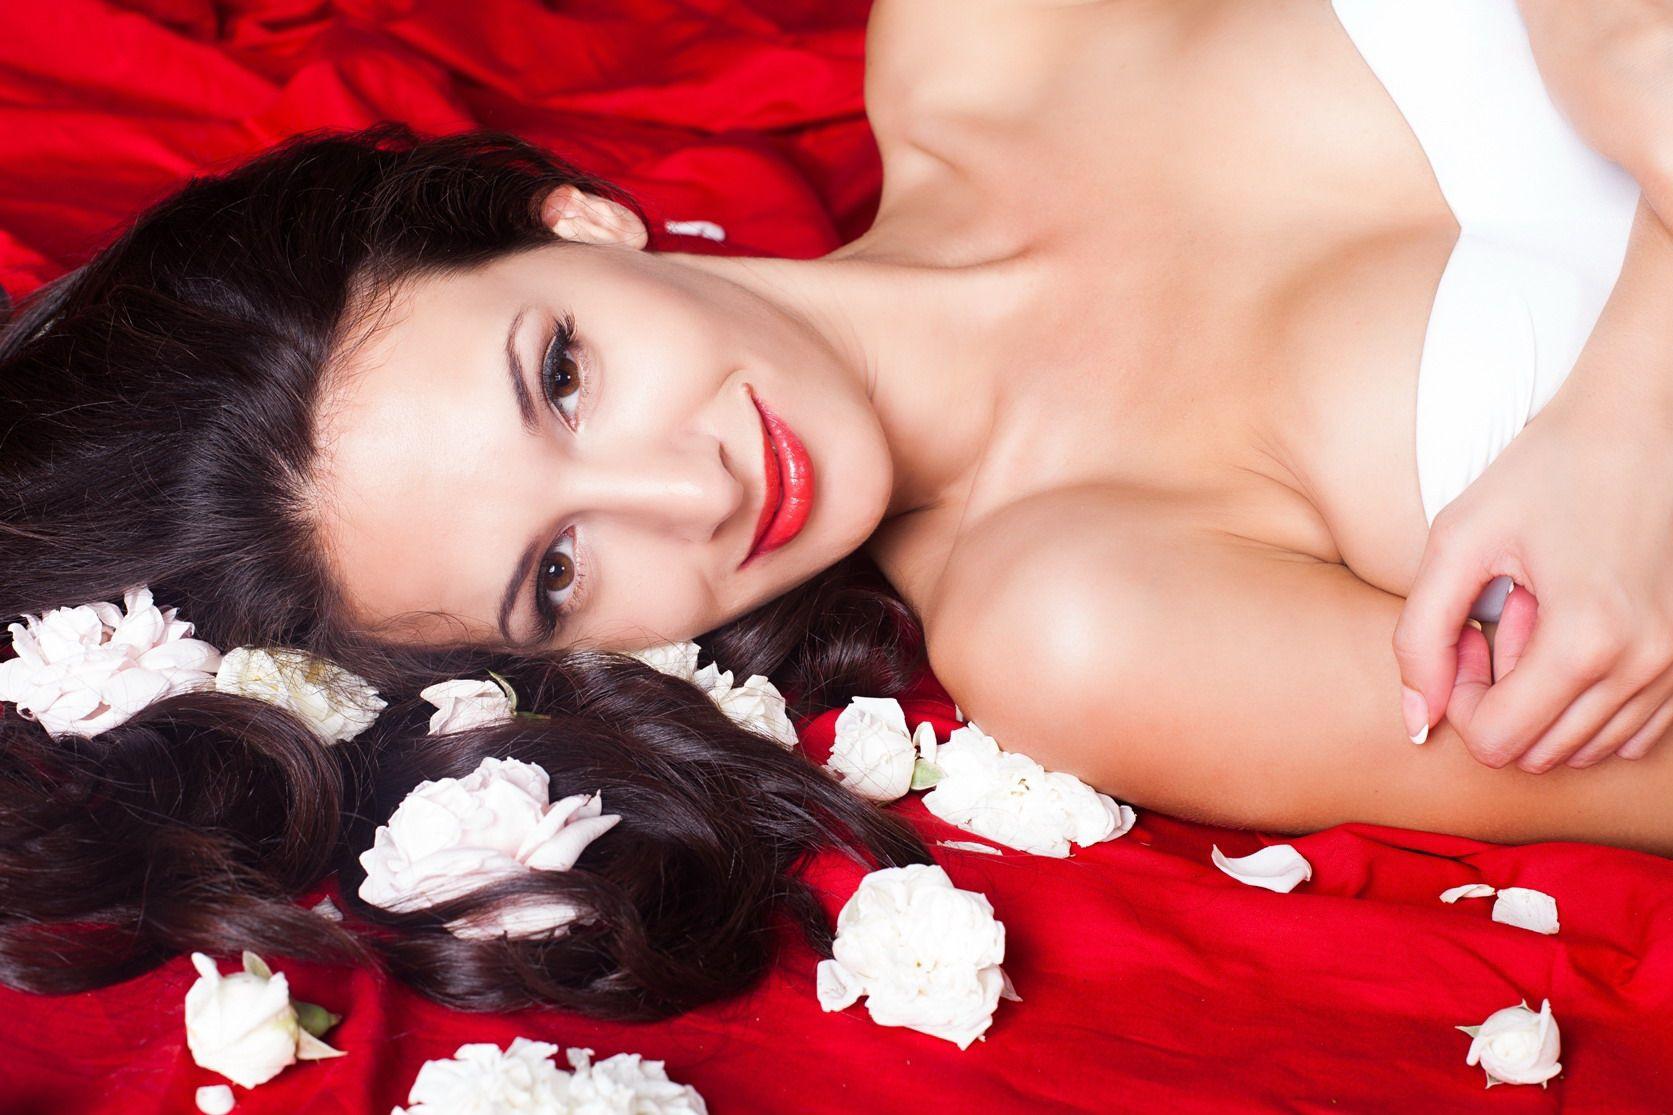 làm thế nào để ngực to hơn Chuyên gia giải đáp: Làm thế nào để ngực to hơn?